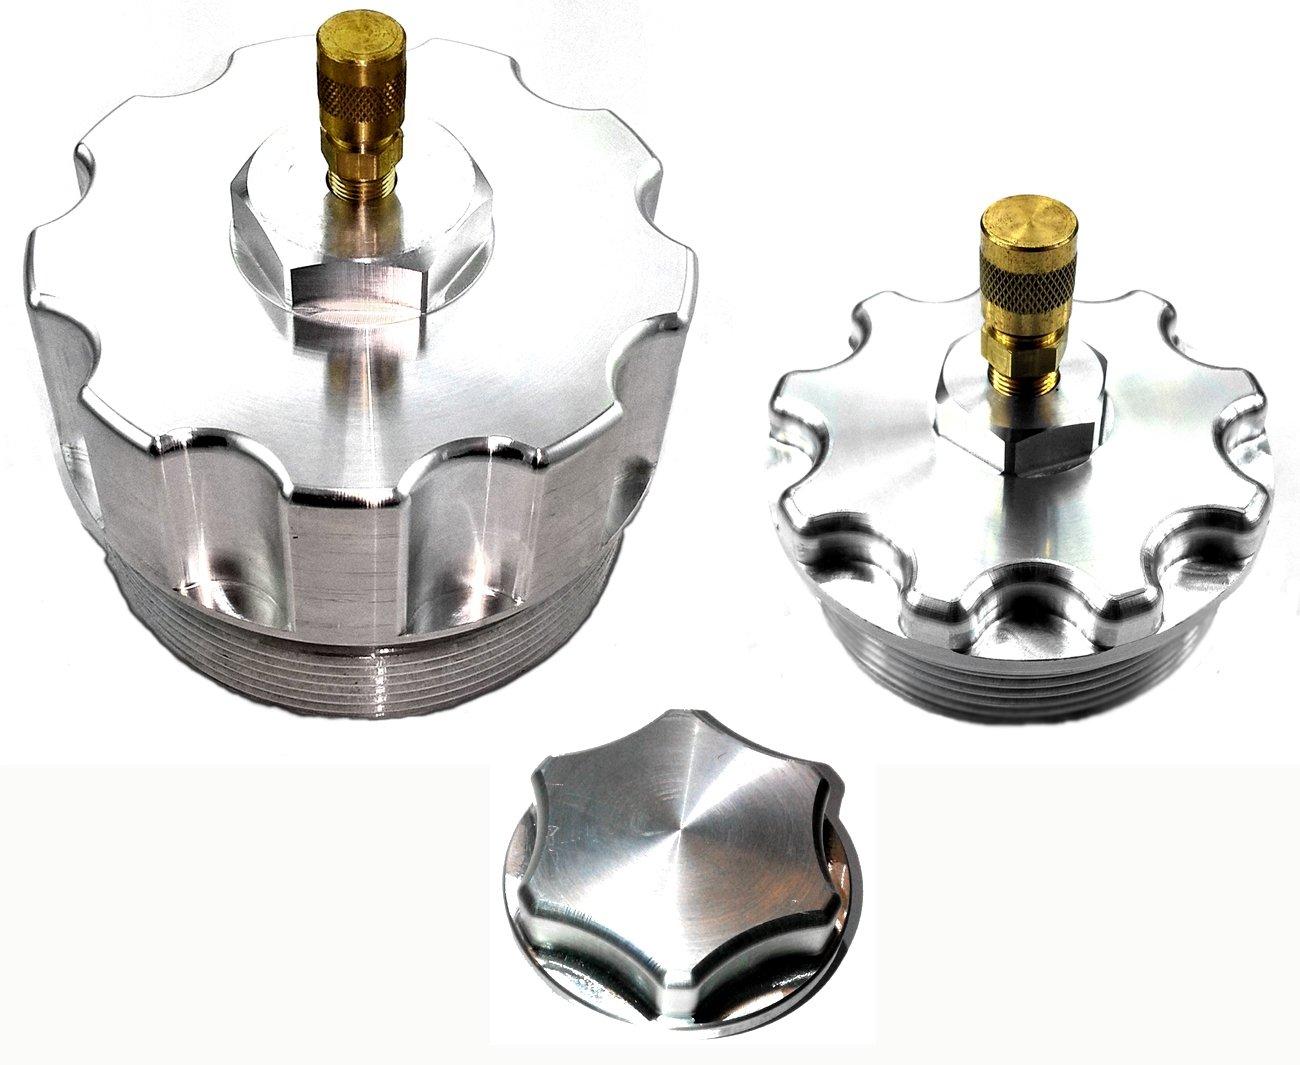 Billet Aluminum Oil Filter, Fuel Filter & Oil Filler Cap Set w/ Test Ports for 2003-2007 Ford 6.0L Powerstroke